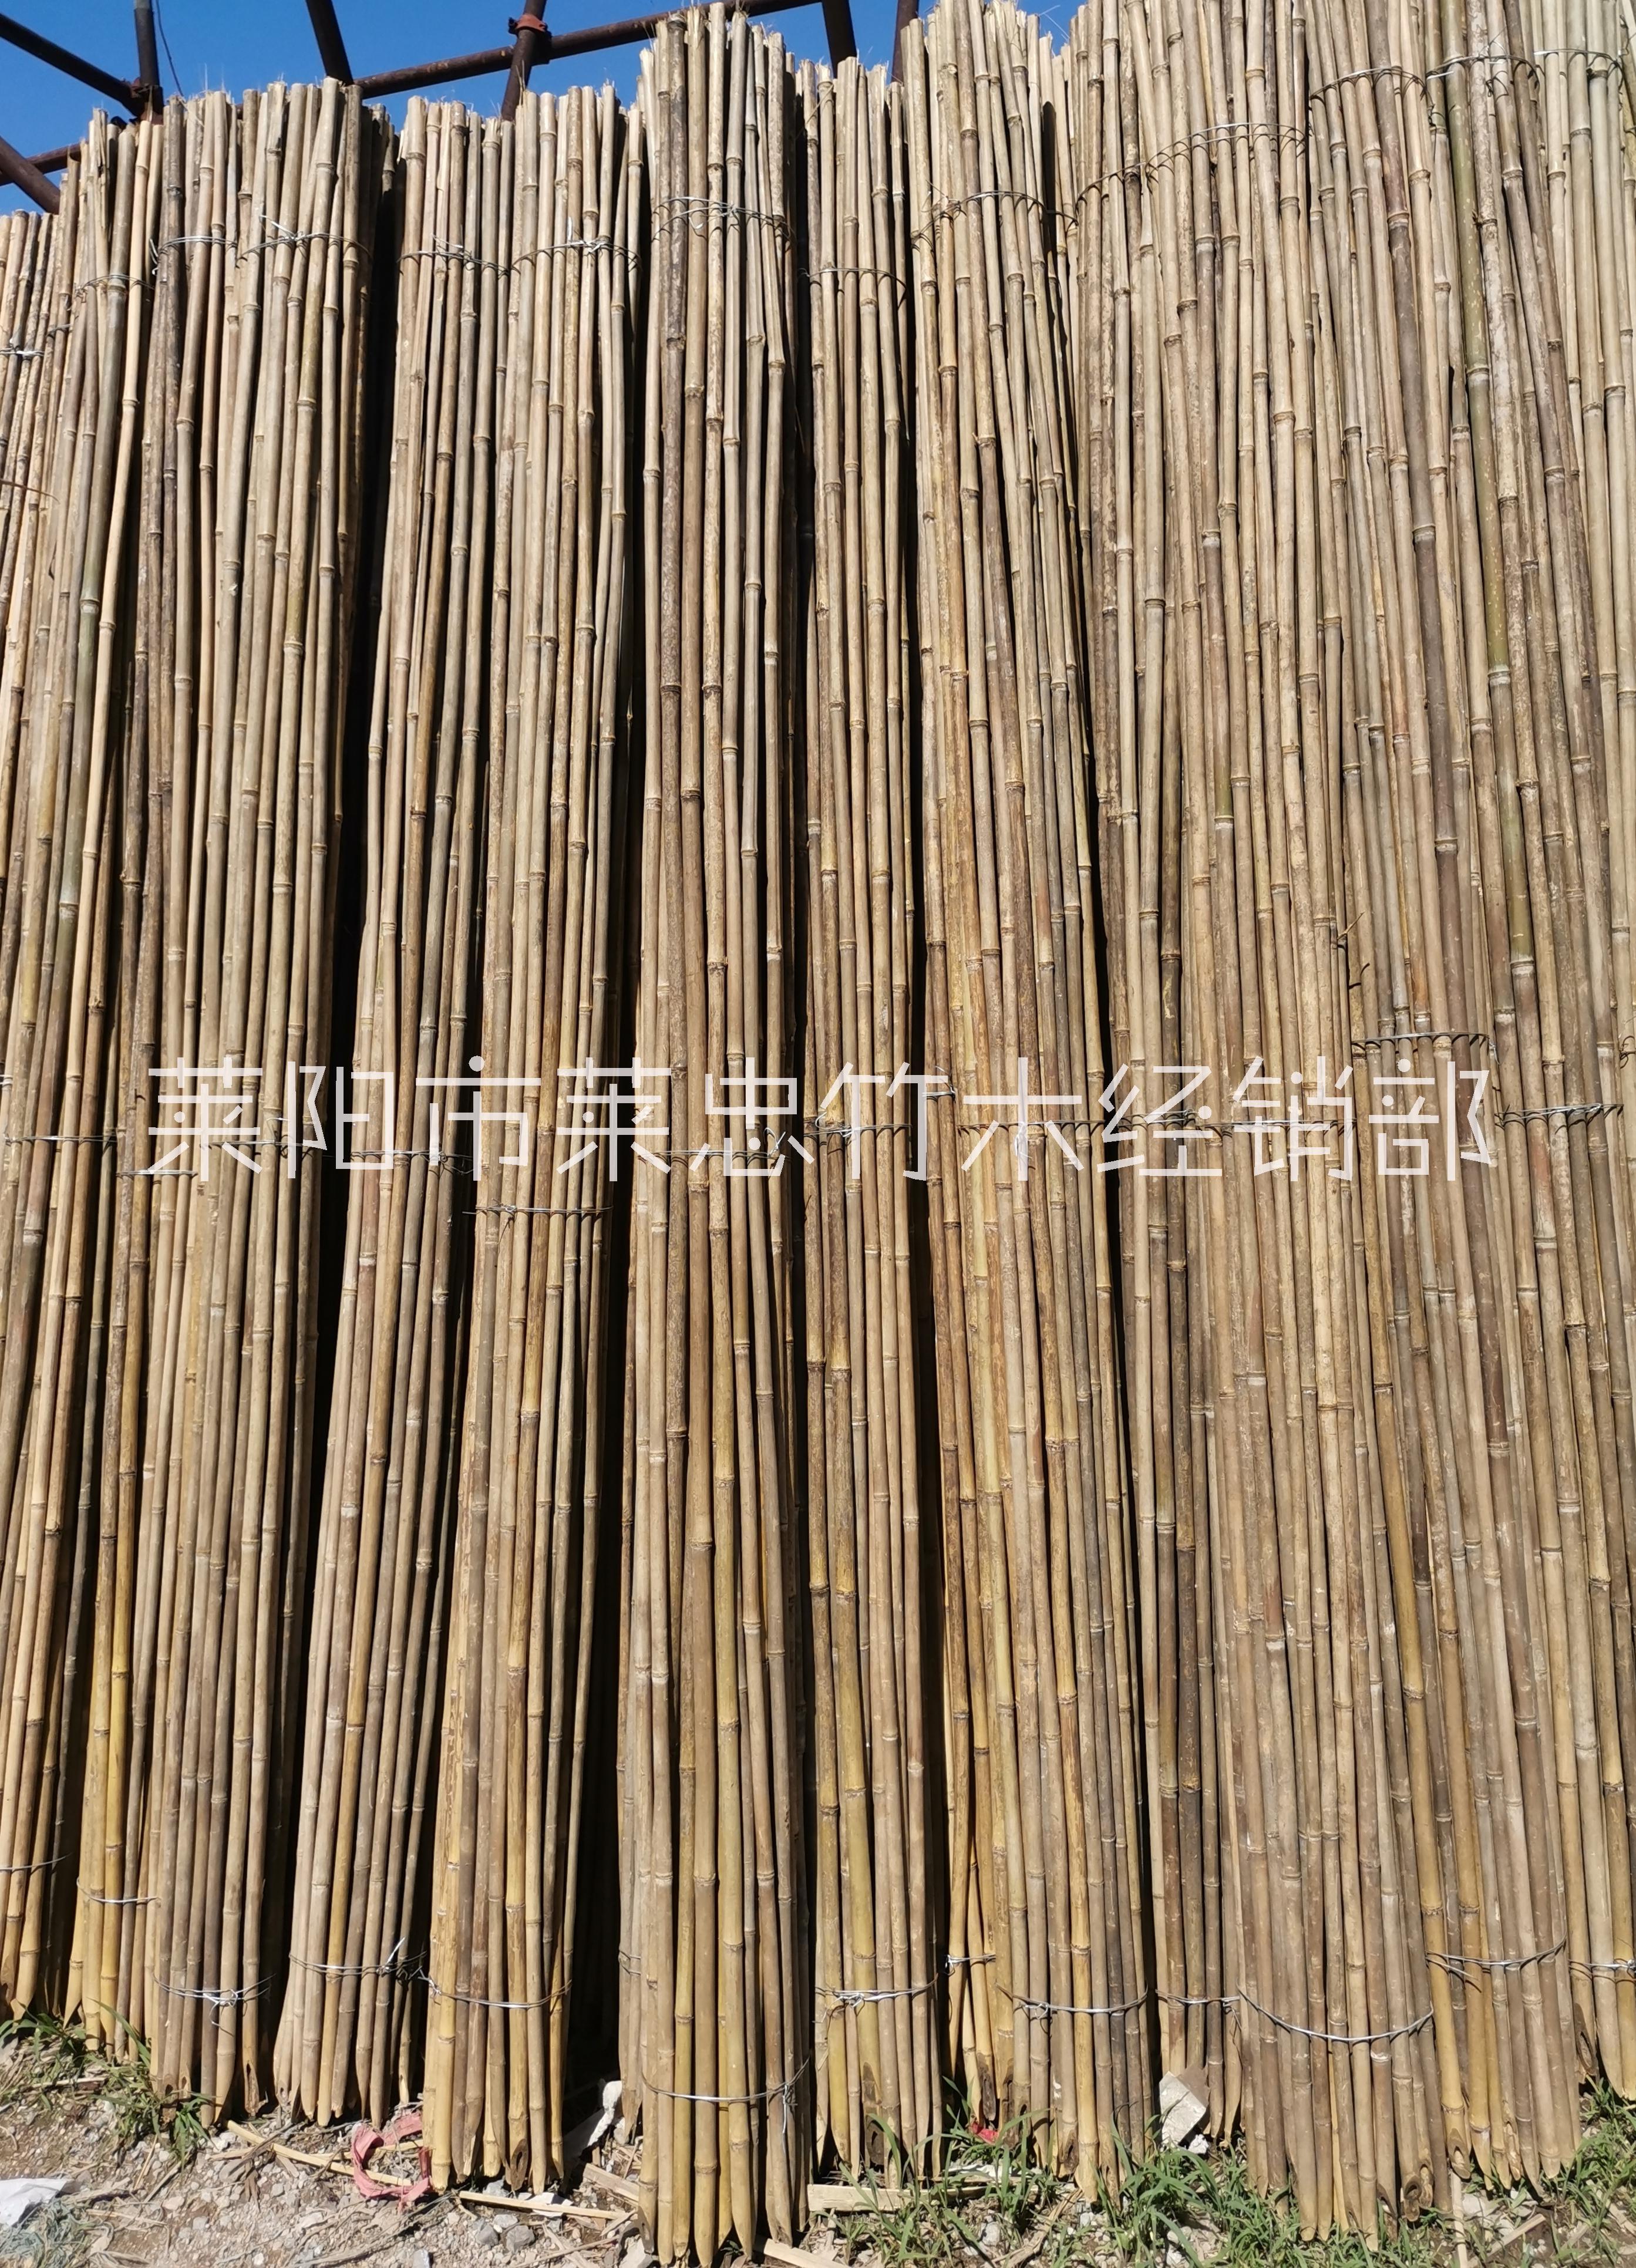 菜架竹:黄瓜架、豆角架、茄子架、园艺架等